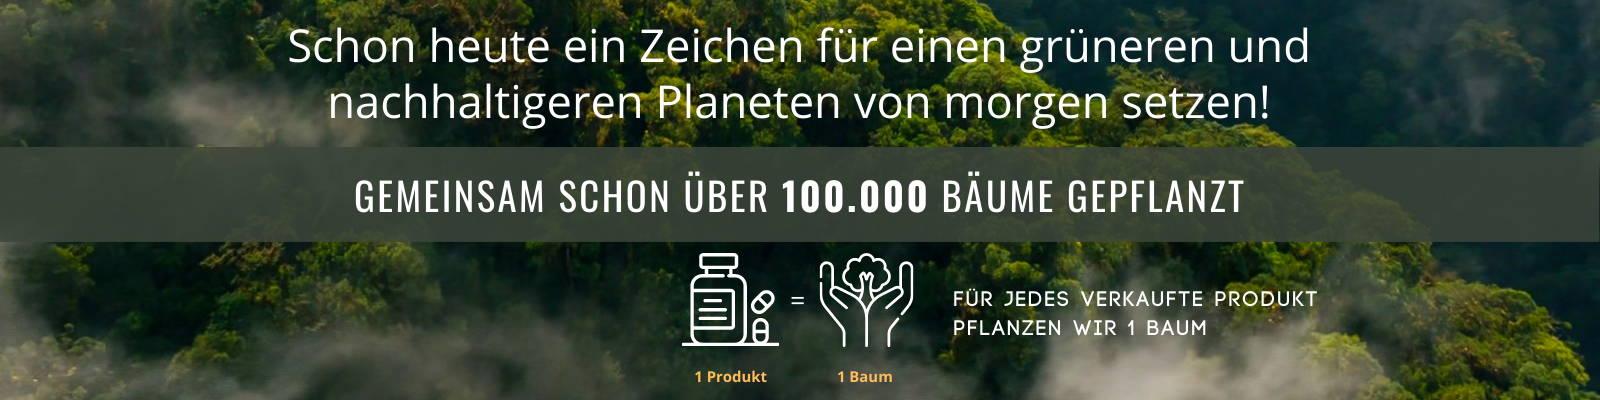 gemeinsam-ein-grünerer-planet